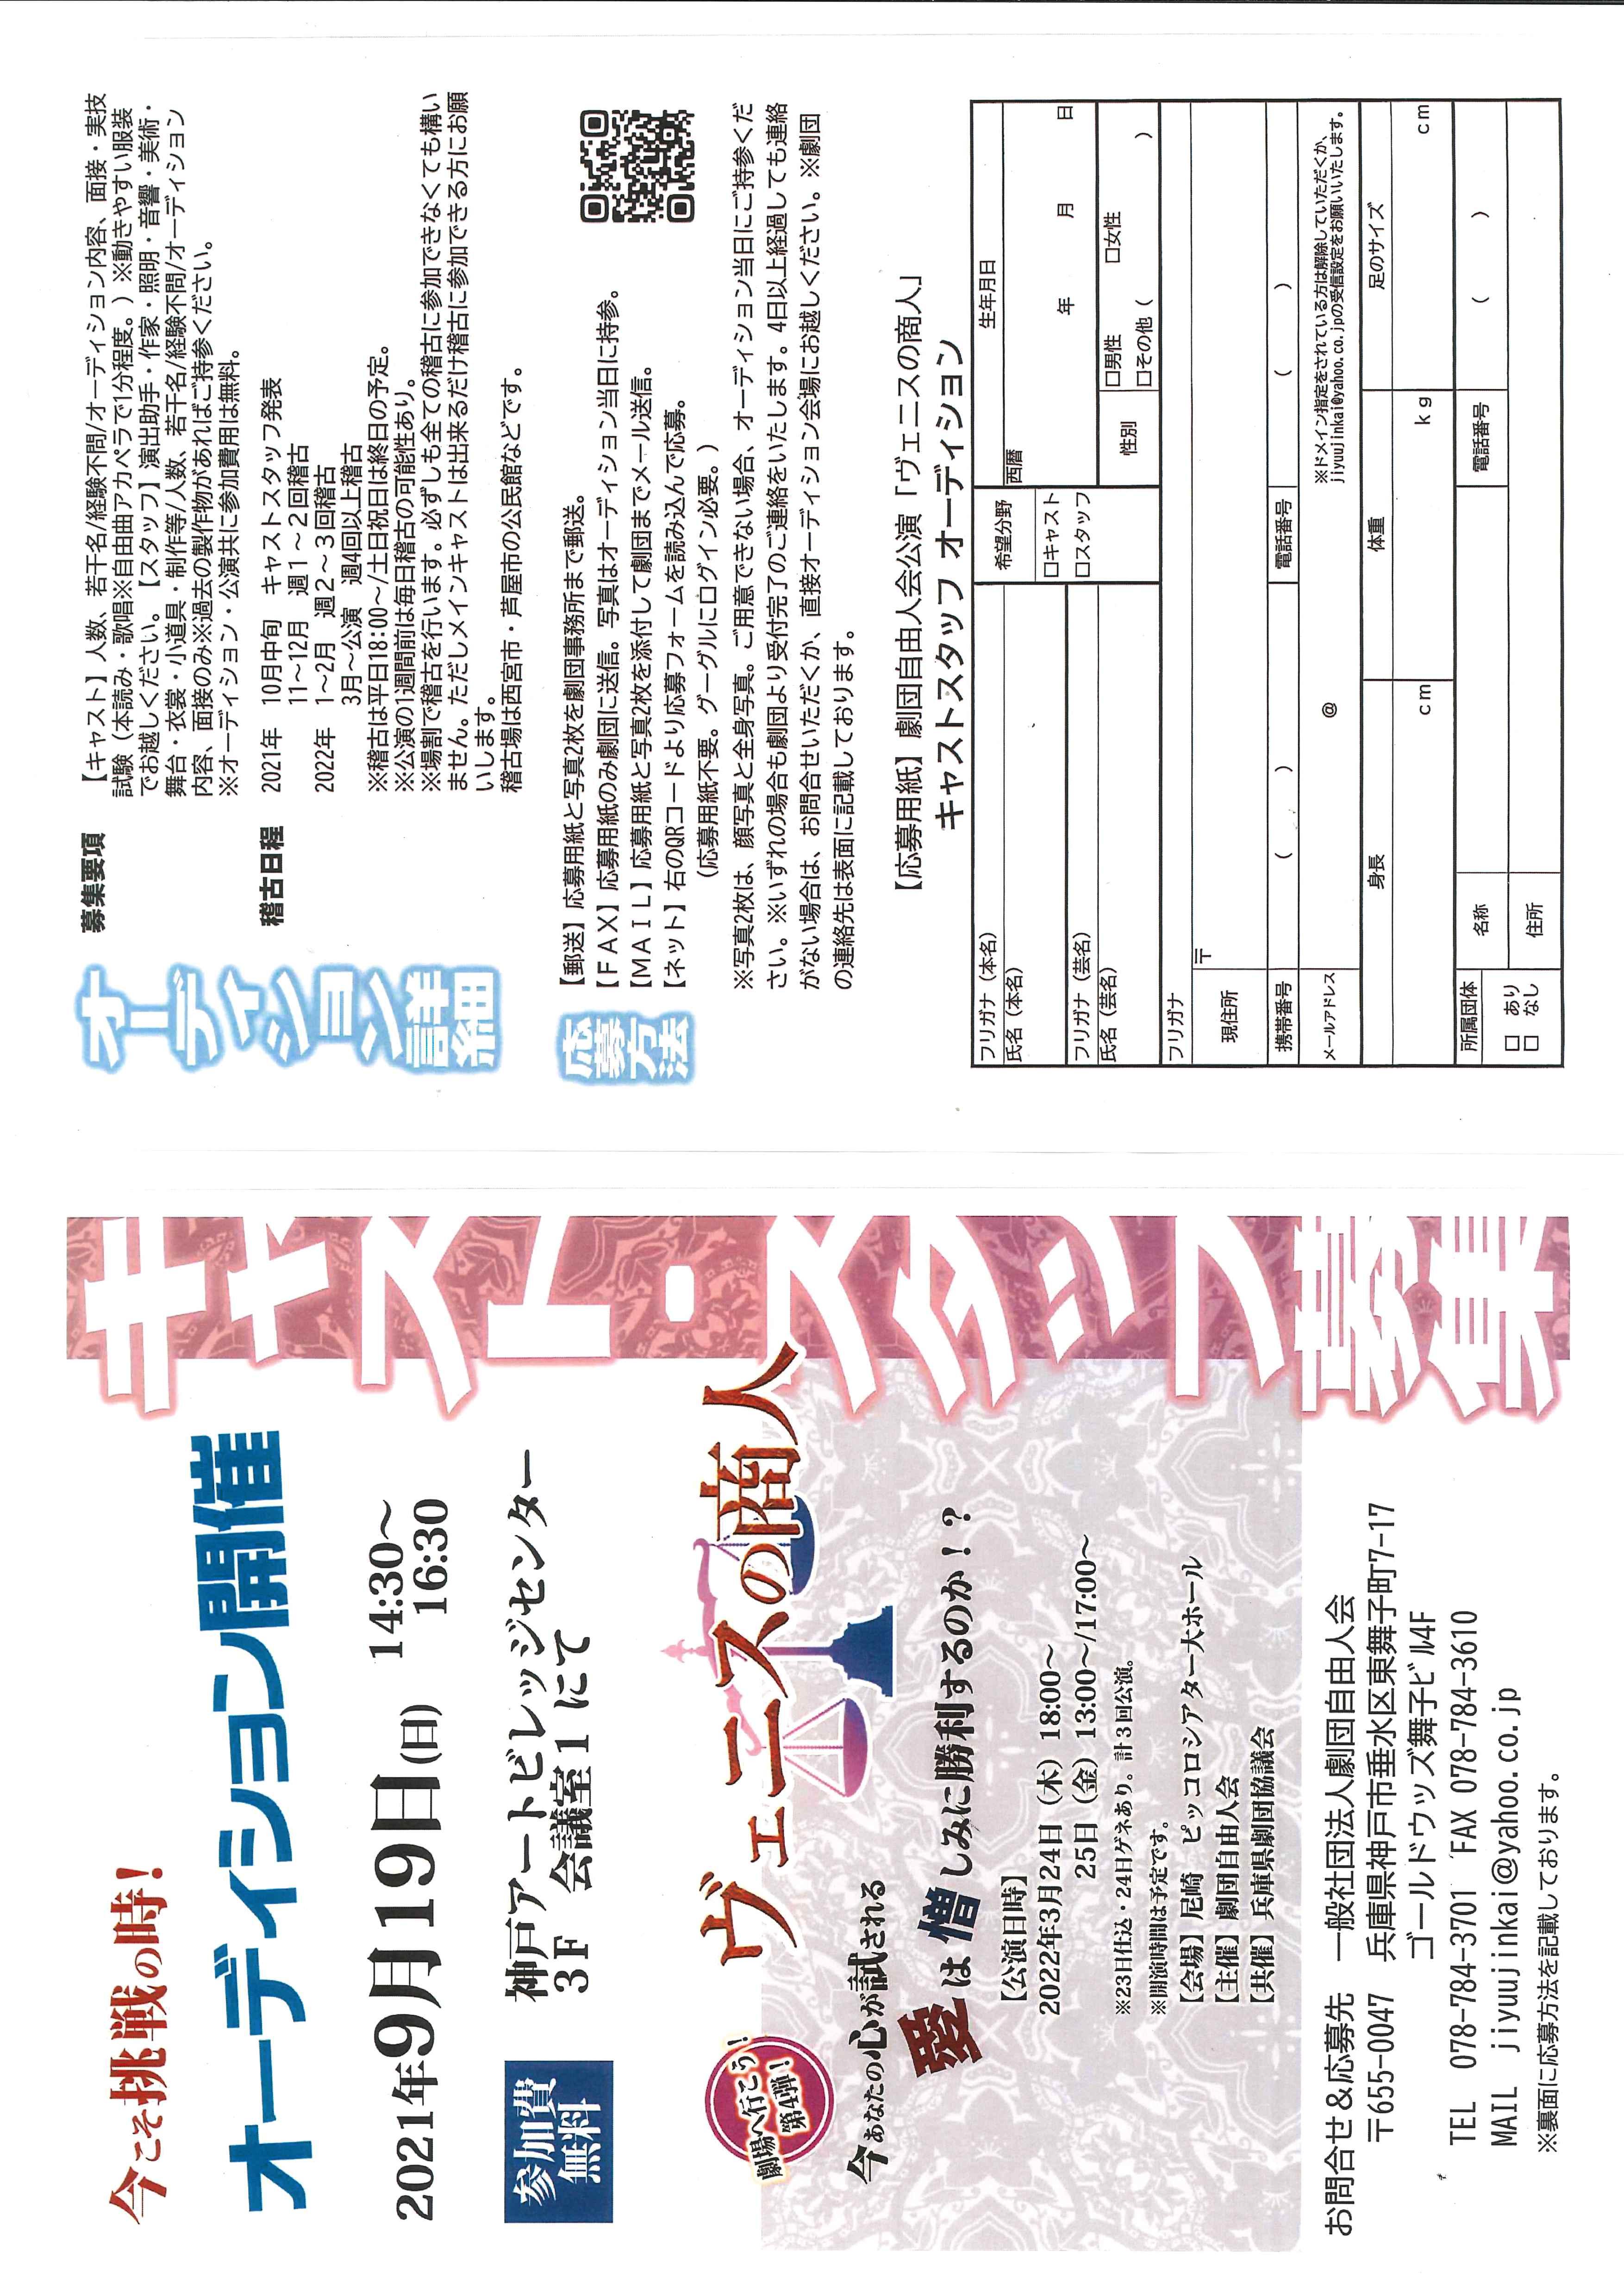 オーディション [関西]2022年3月公演「ヴェニスの商人」オーディション 主催:一般社団法人劇団自由人会、カテゴリ:劇団